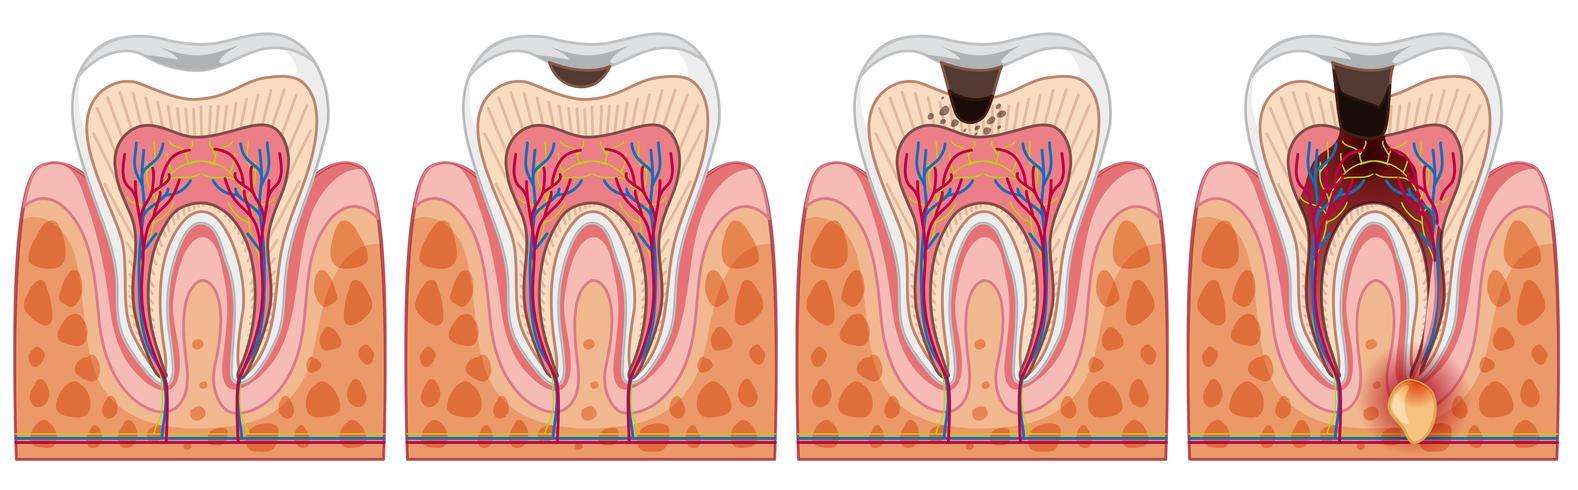 En uppsättning mänsklig tand